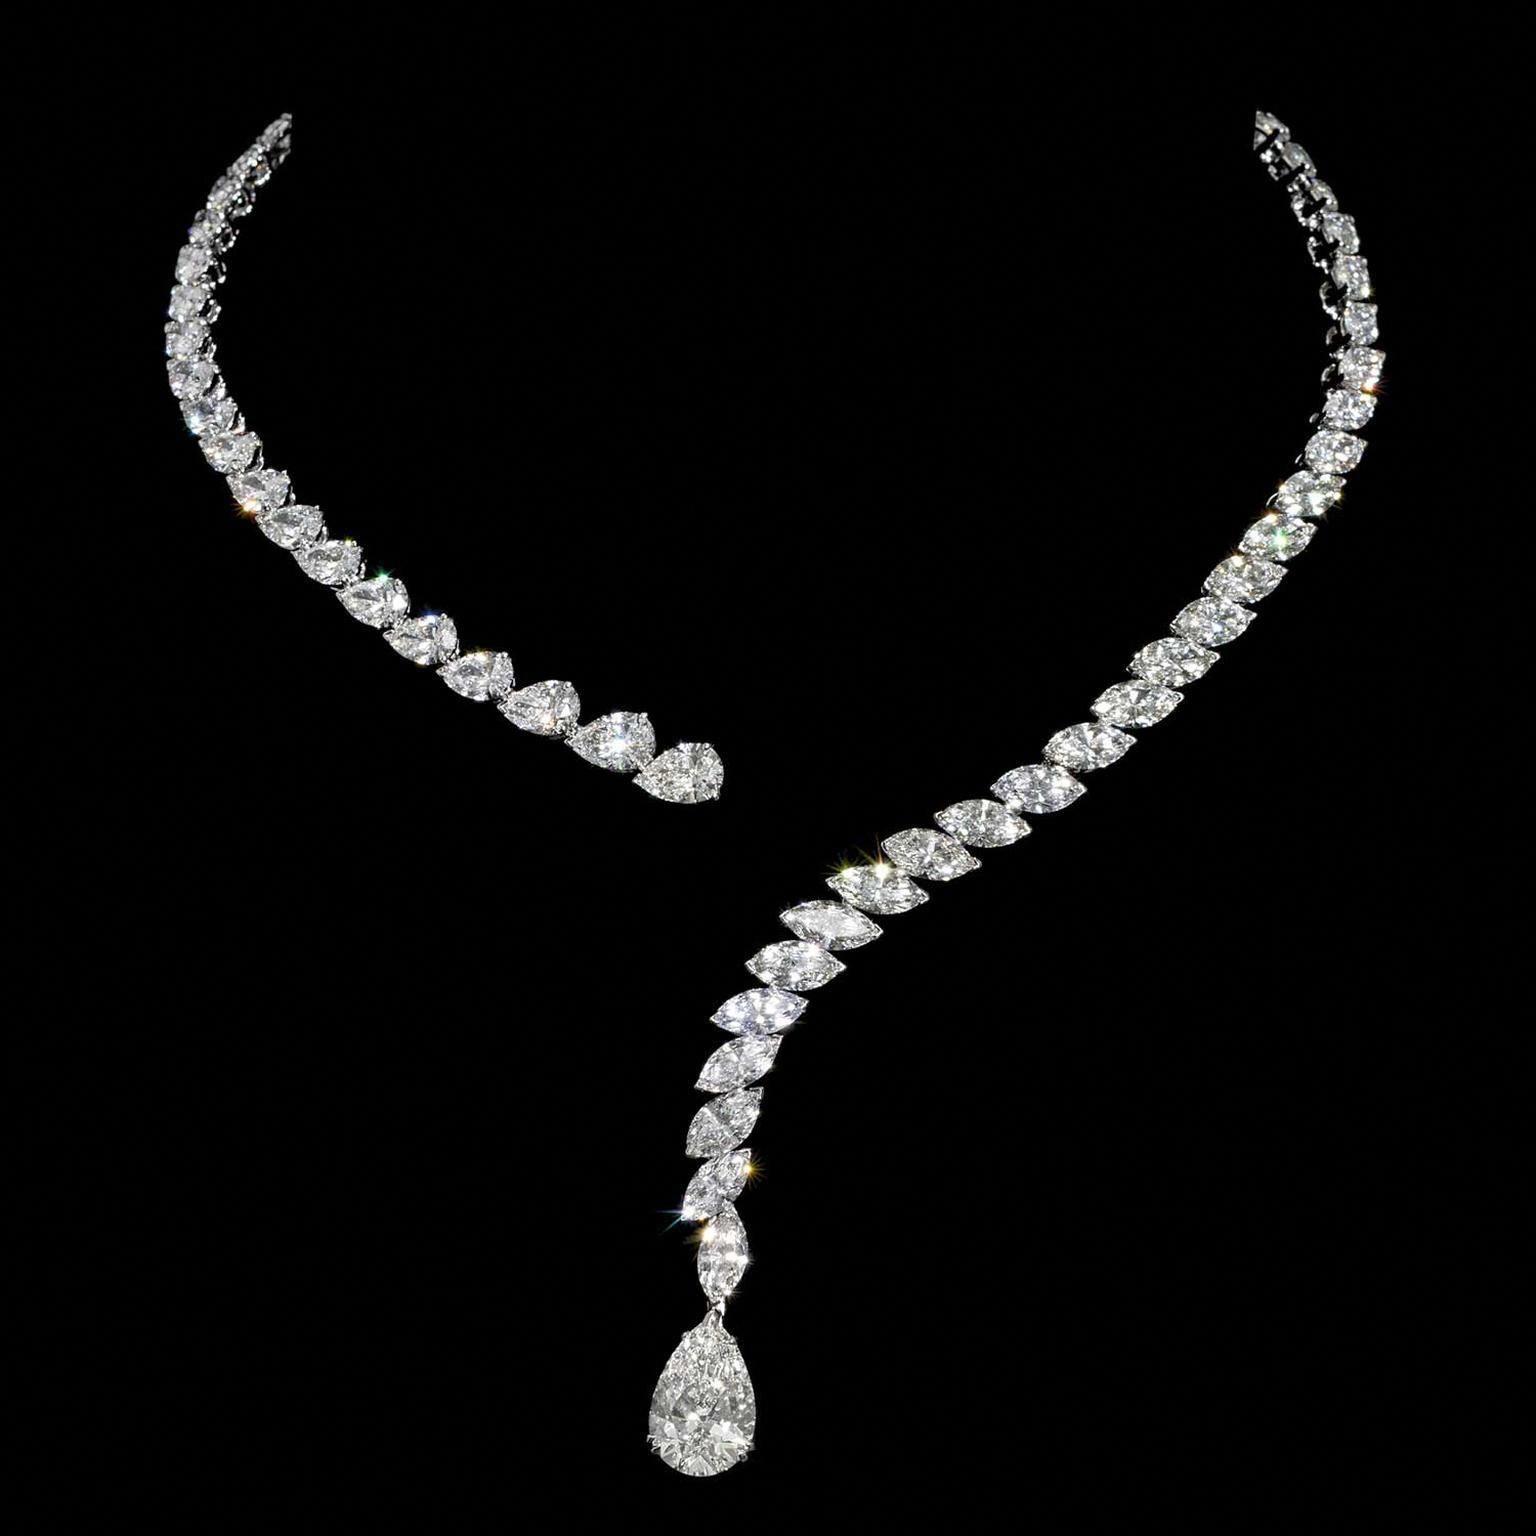 Jahan Draped Diamond Necklace Diamondpendantnecklace Beautiful Diamond Necklace Diamond Necklace Diamond Jewelry Necklace